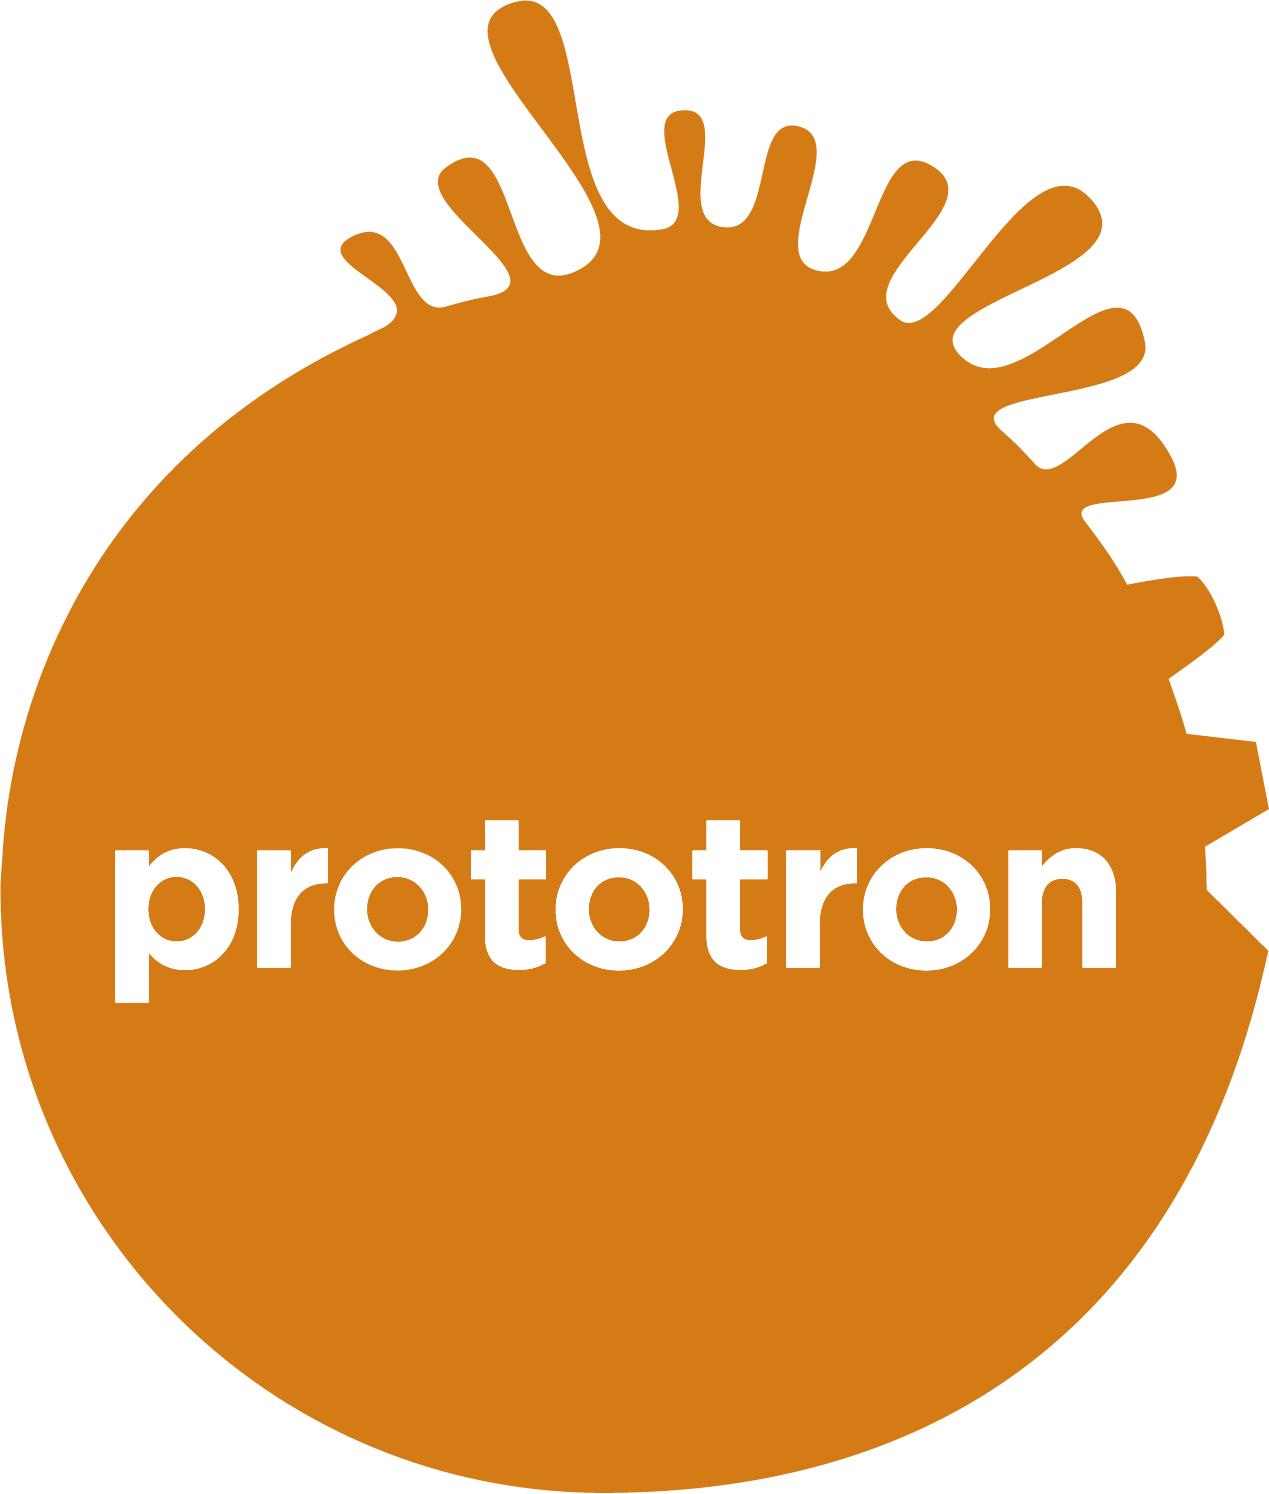 Prototron_LOGO_oranz1.png